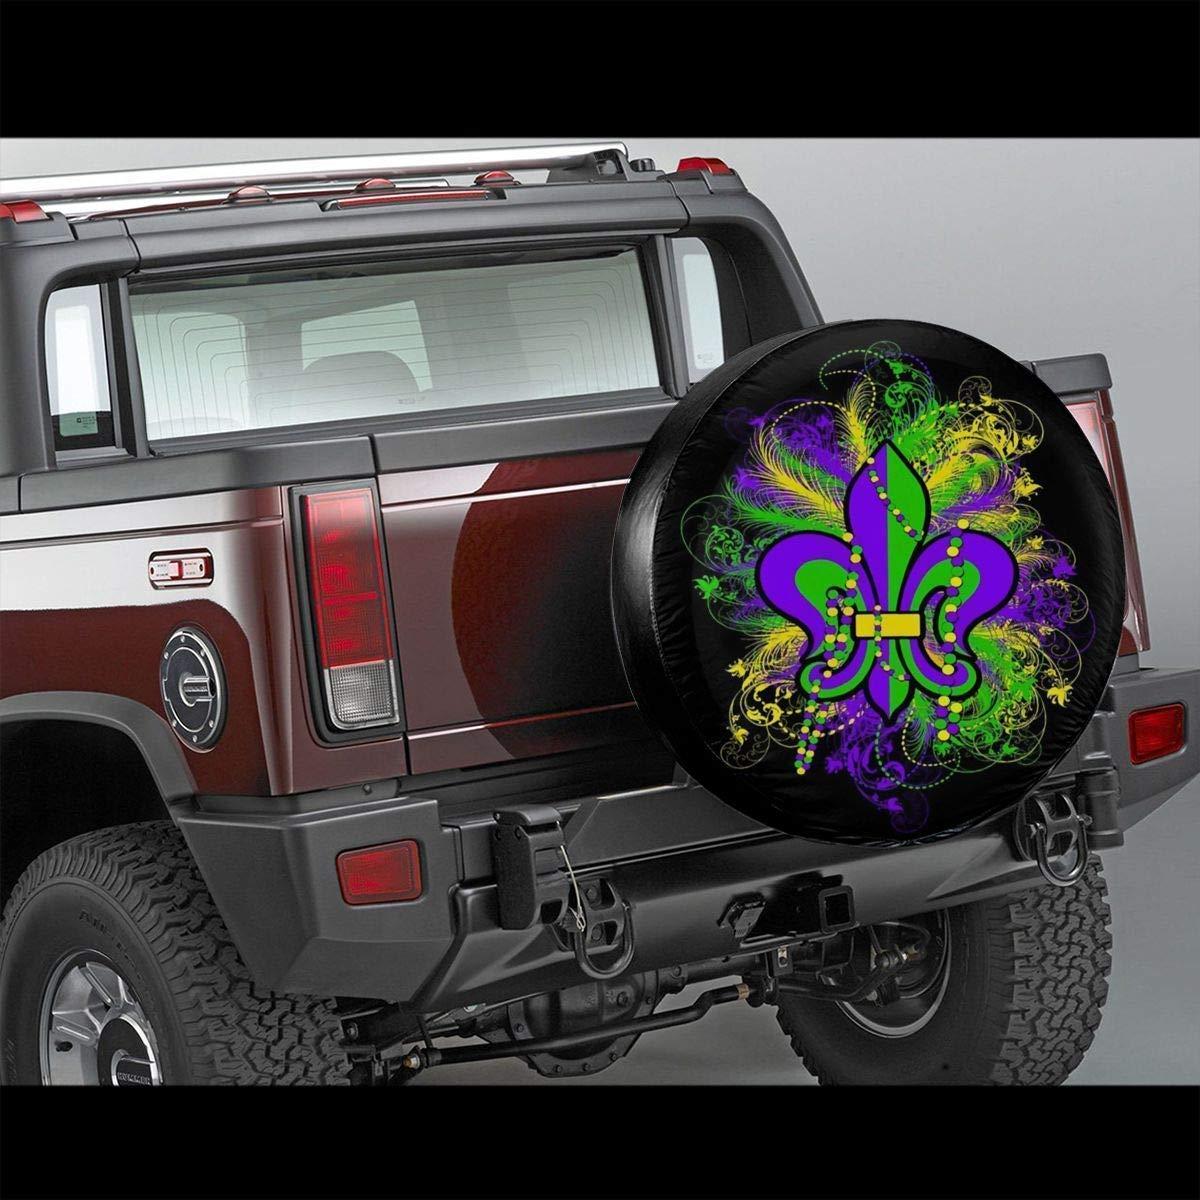 14,15,16,17 inch Belleeer Copriruota di scorta,Tire Cover Polyester Universal Spare Wheel Tire Cover Wheel Covers for Trailer RV SUV Truck Camper Travel Trailer